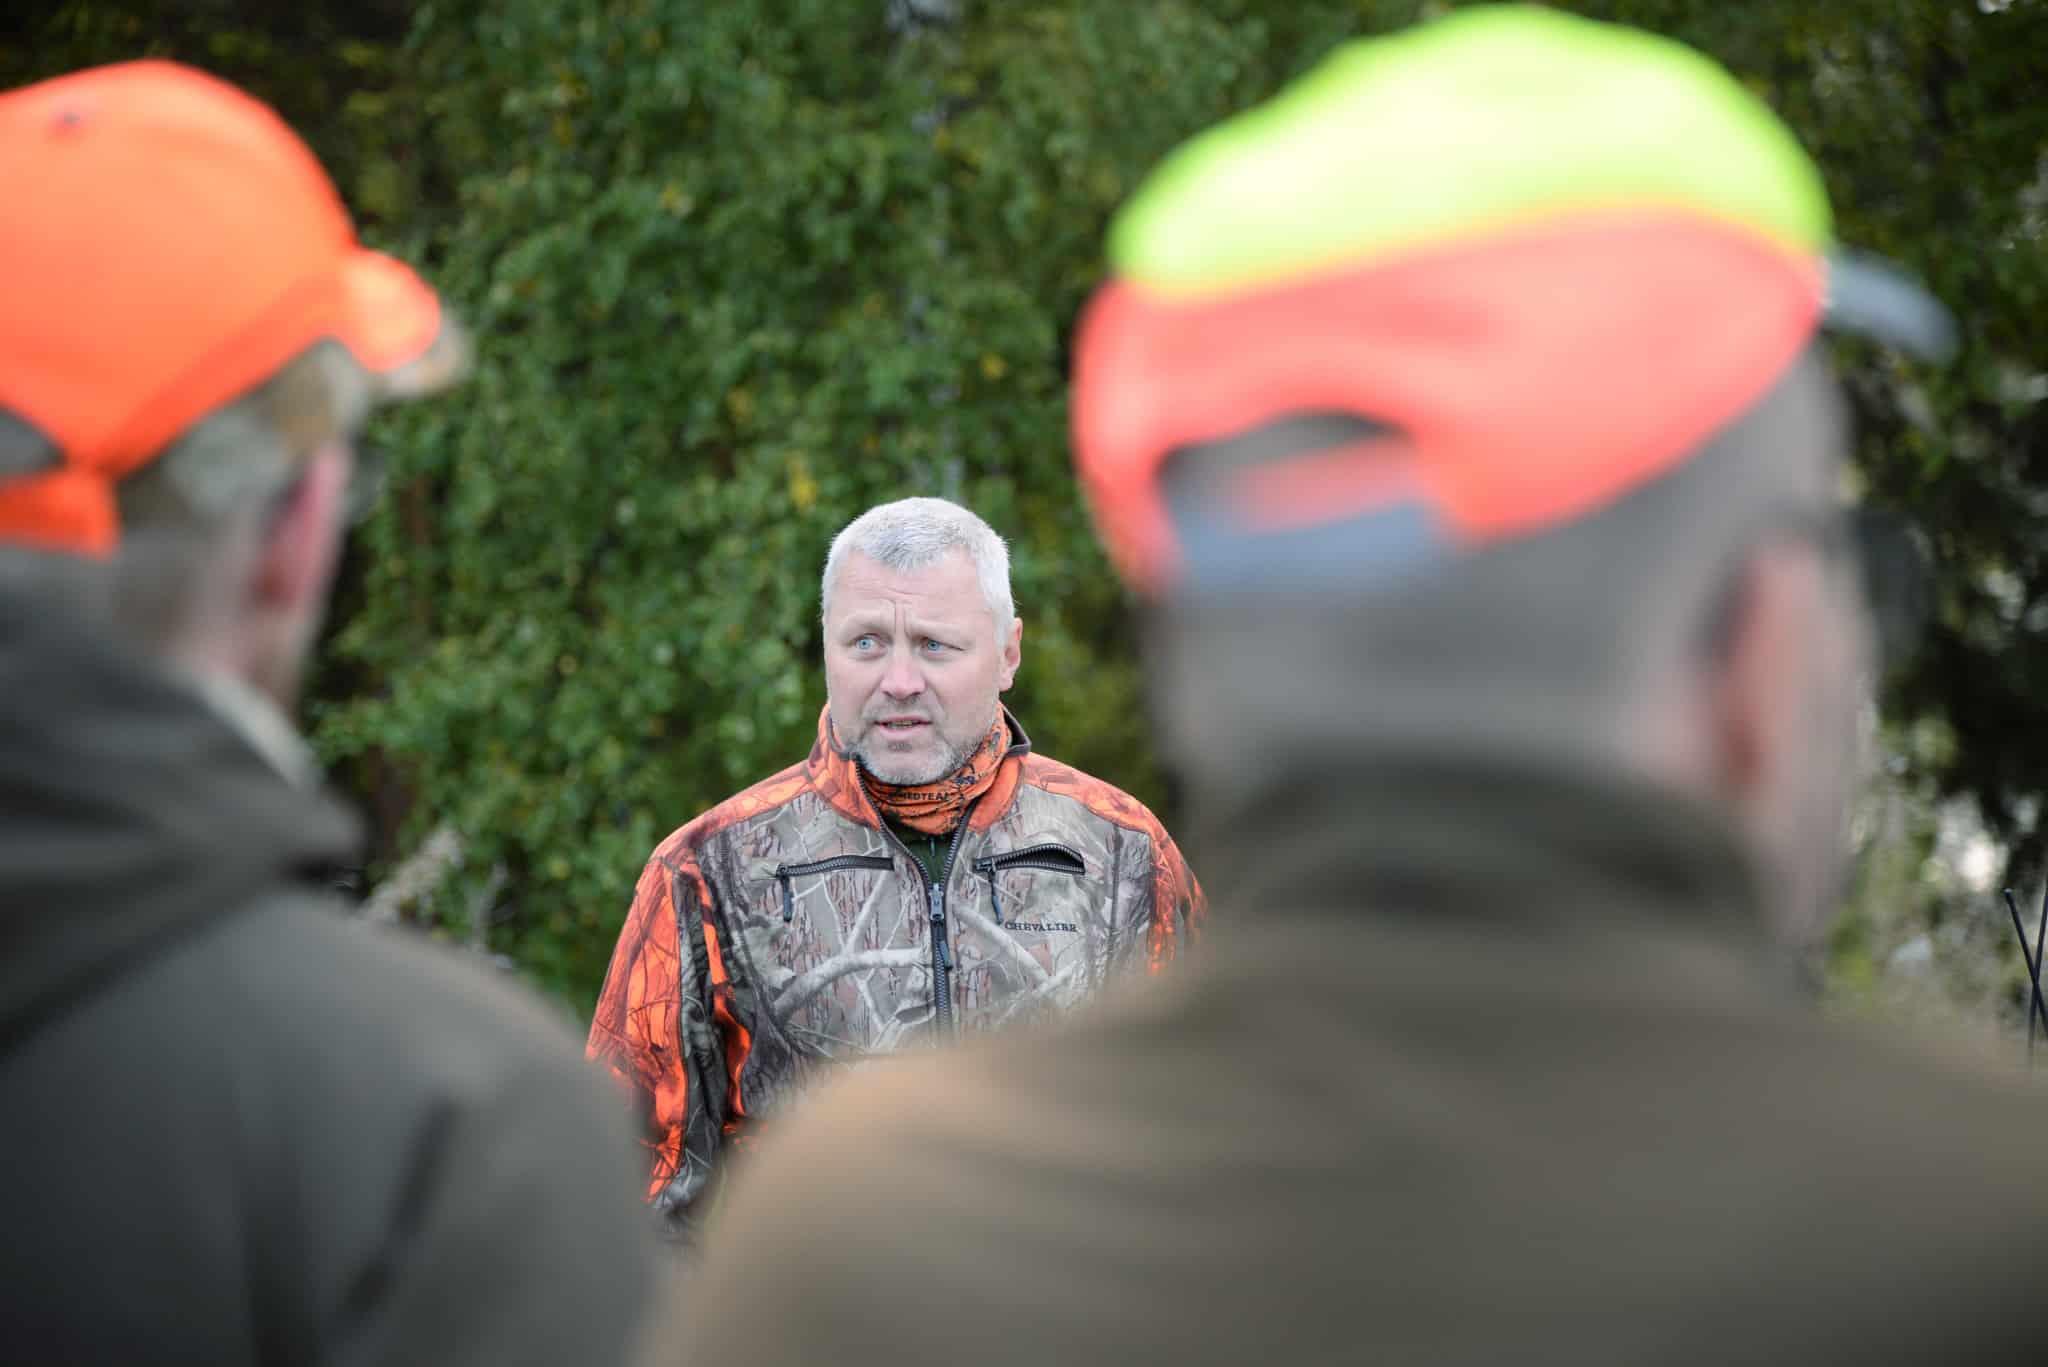 Mikael Samuelsson, jägarrepresentant i viltförvaltningsdelegationen, menar att licensjakt ska utgöra grunden i björnförvaltningen och inte skyddsjakter.